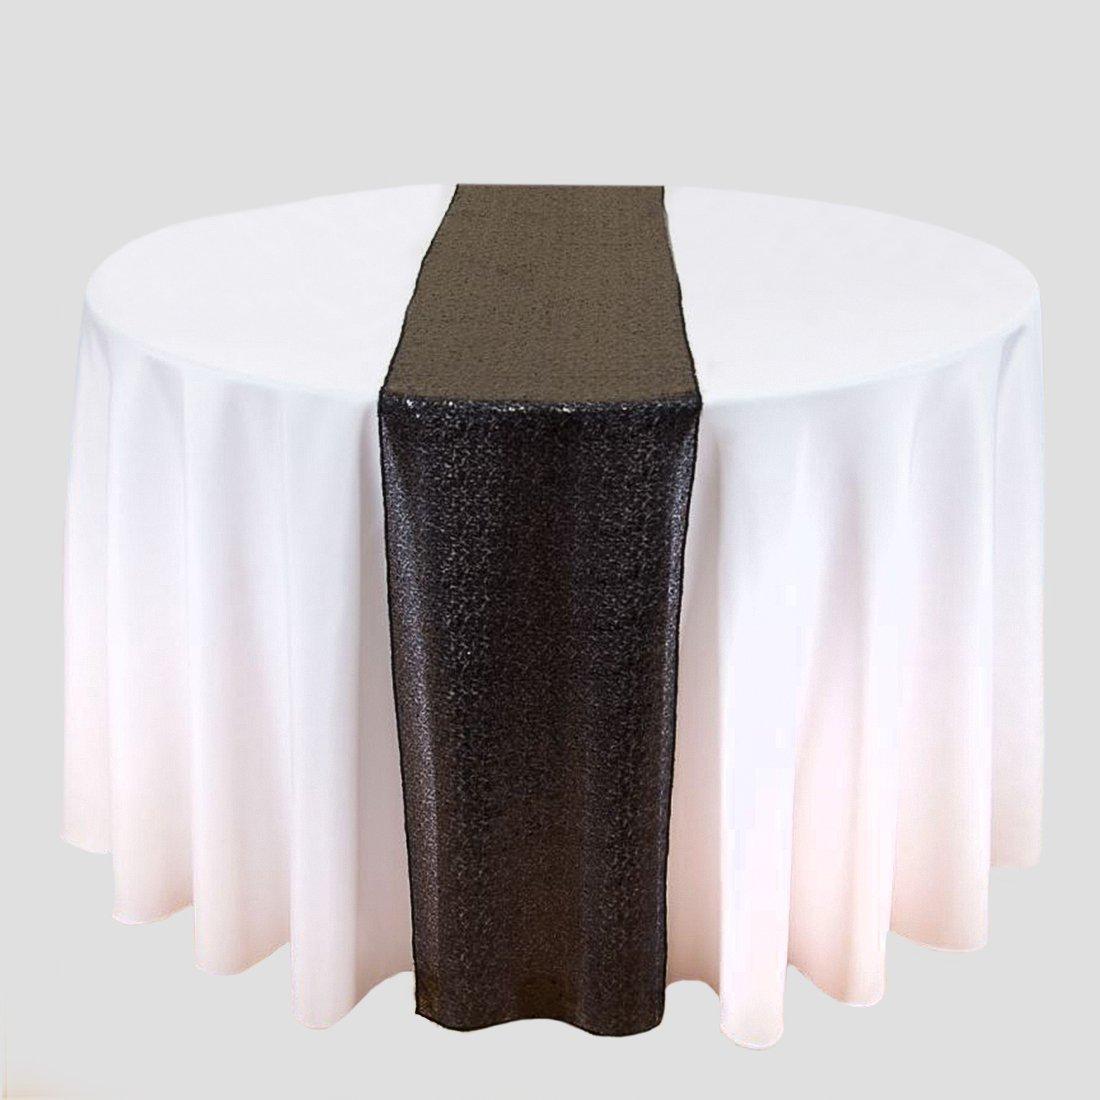 リネンテーブルクロス 14 x 108インチ スパンコールテーブルランナー ブラック   B0748742X3